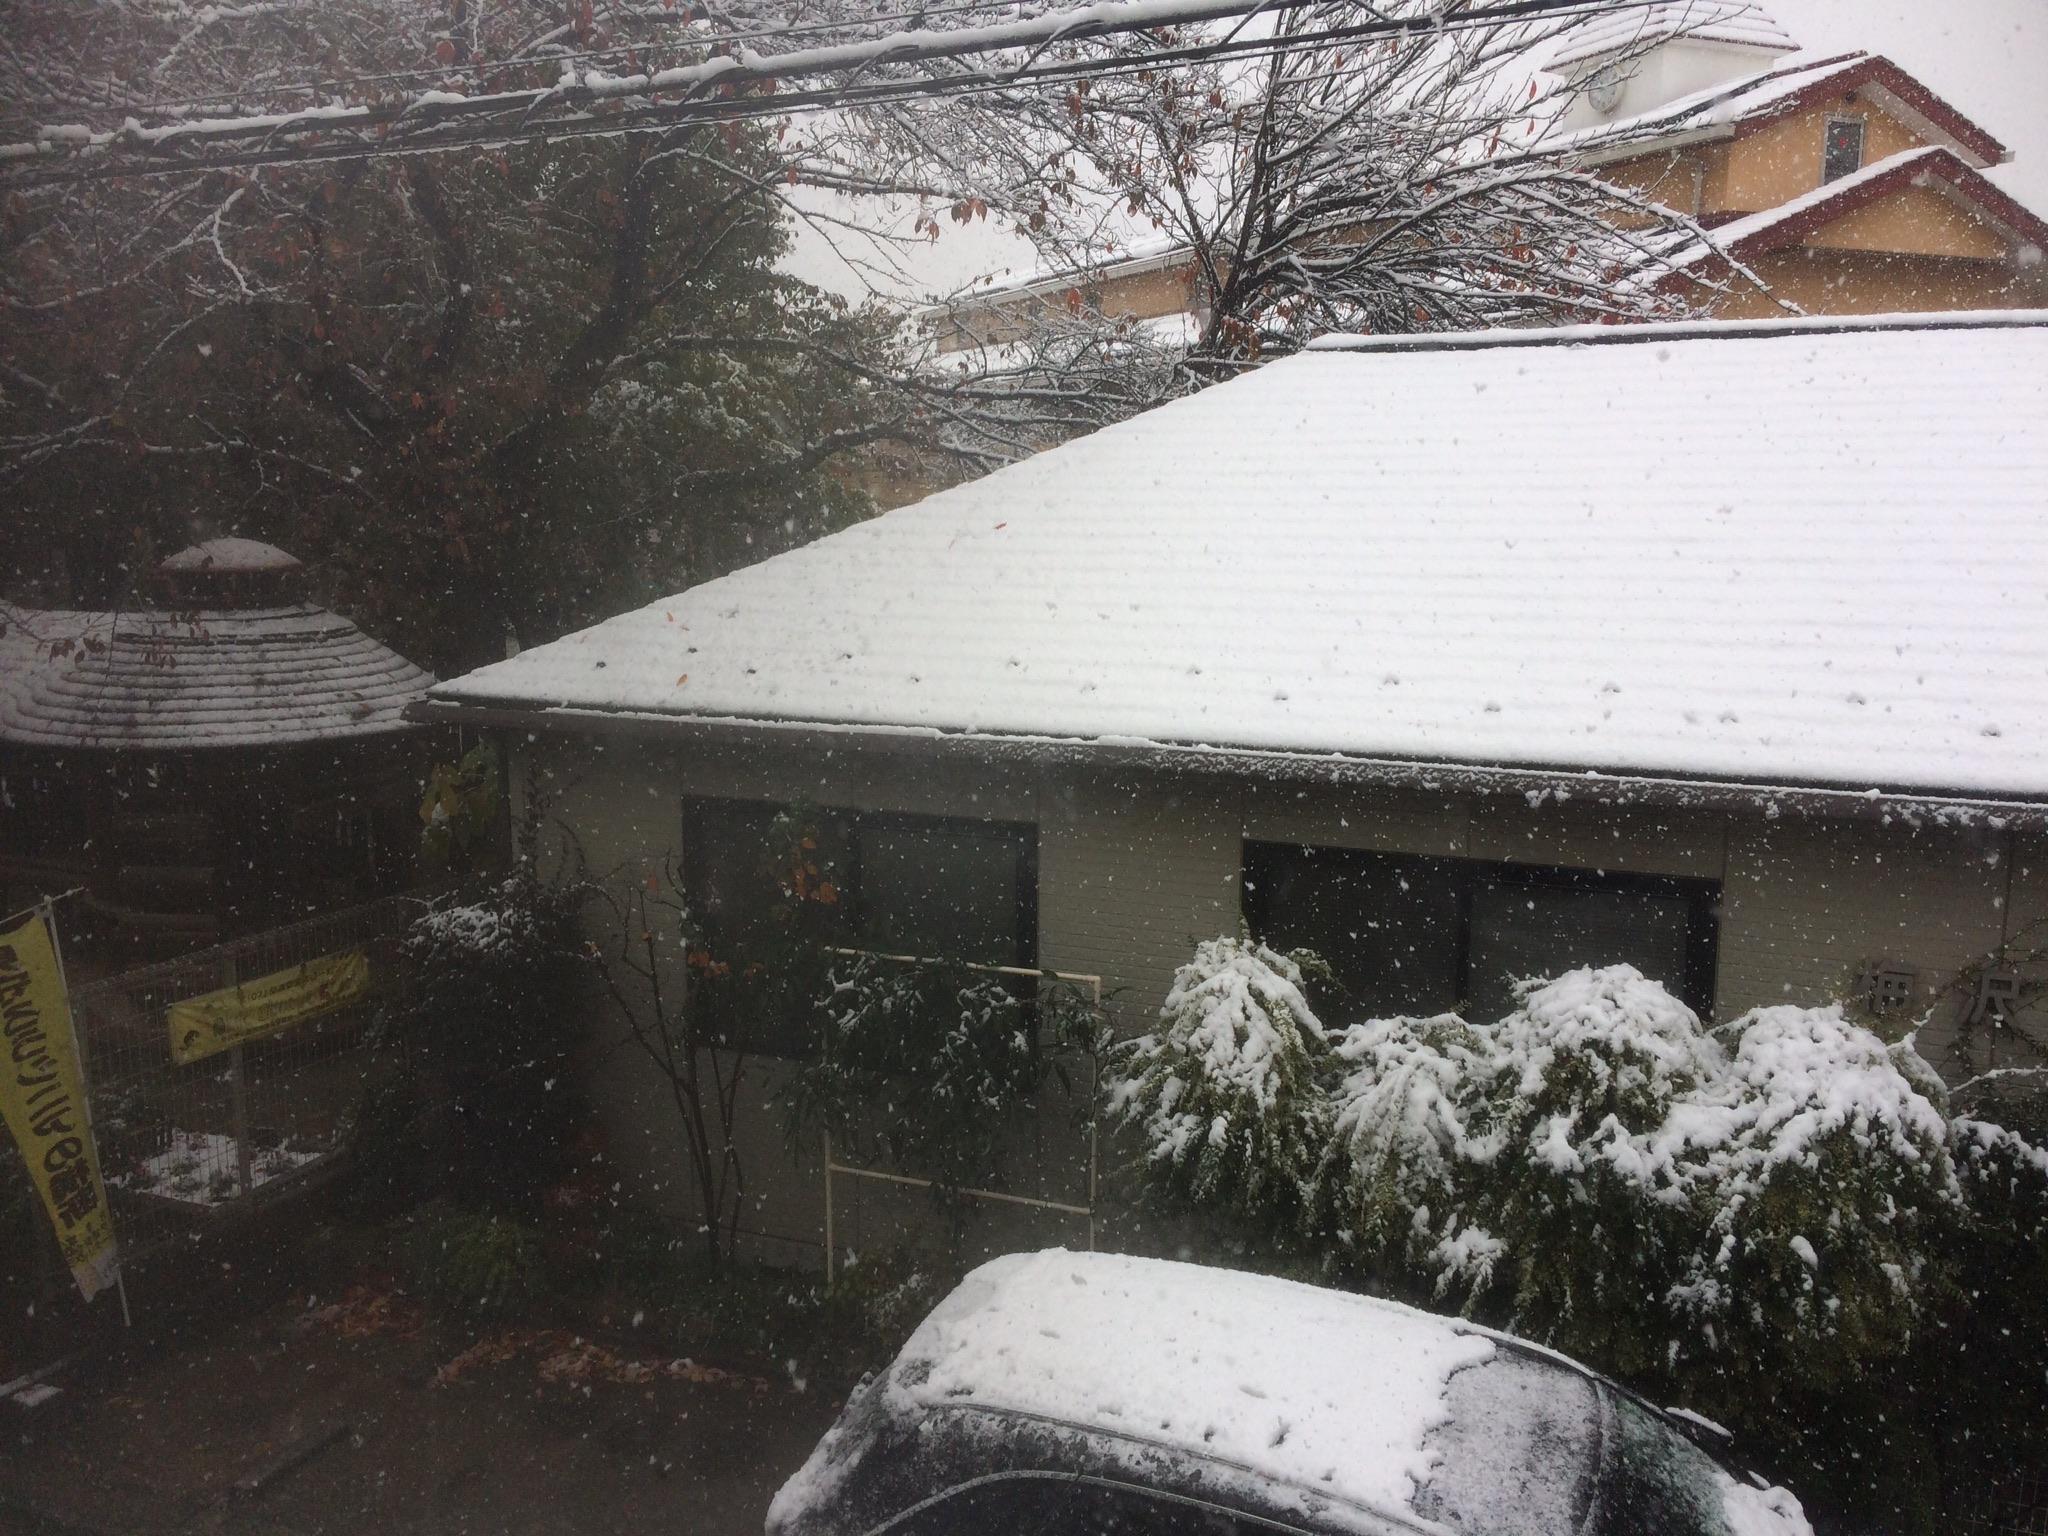 なんと11月なのに、雪が積もってる